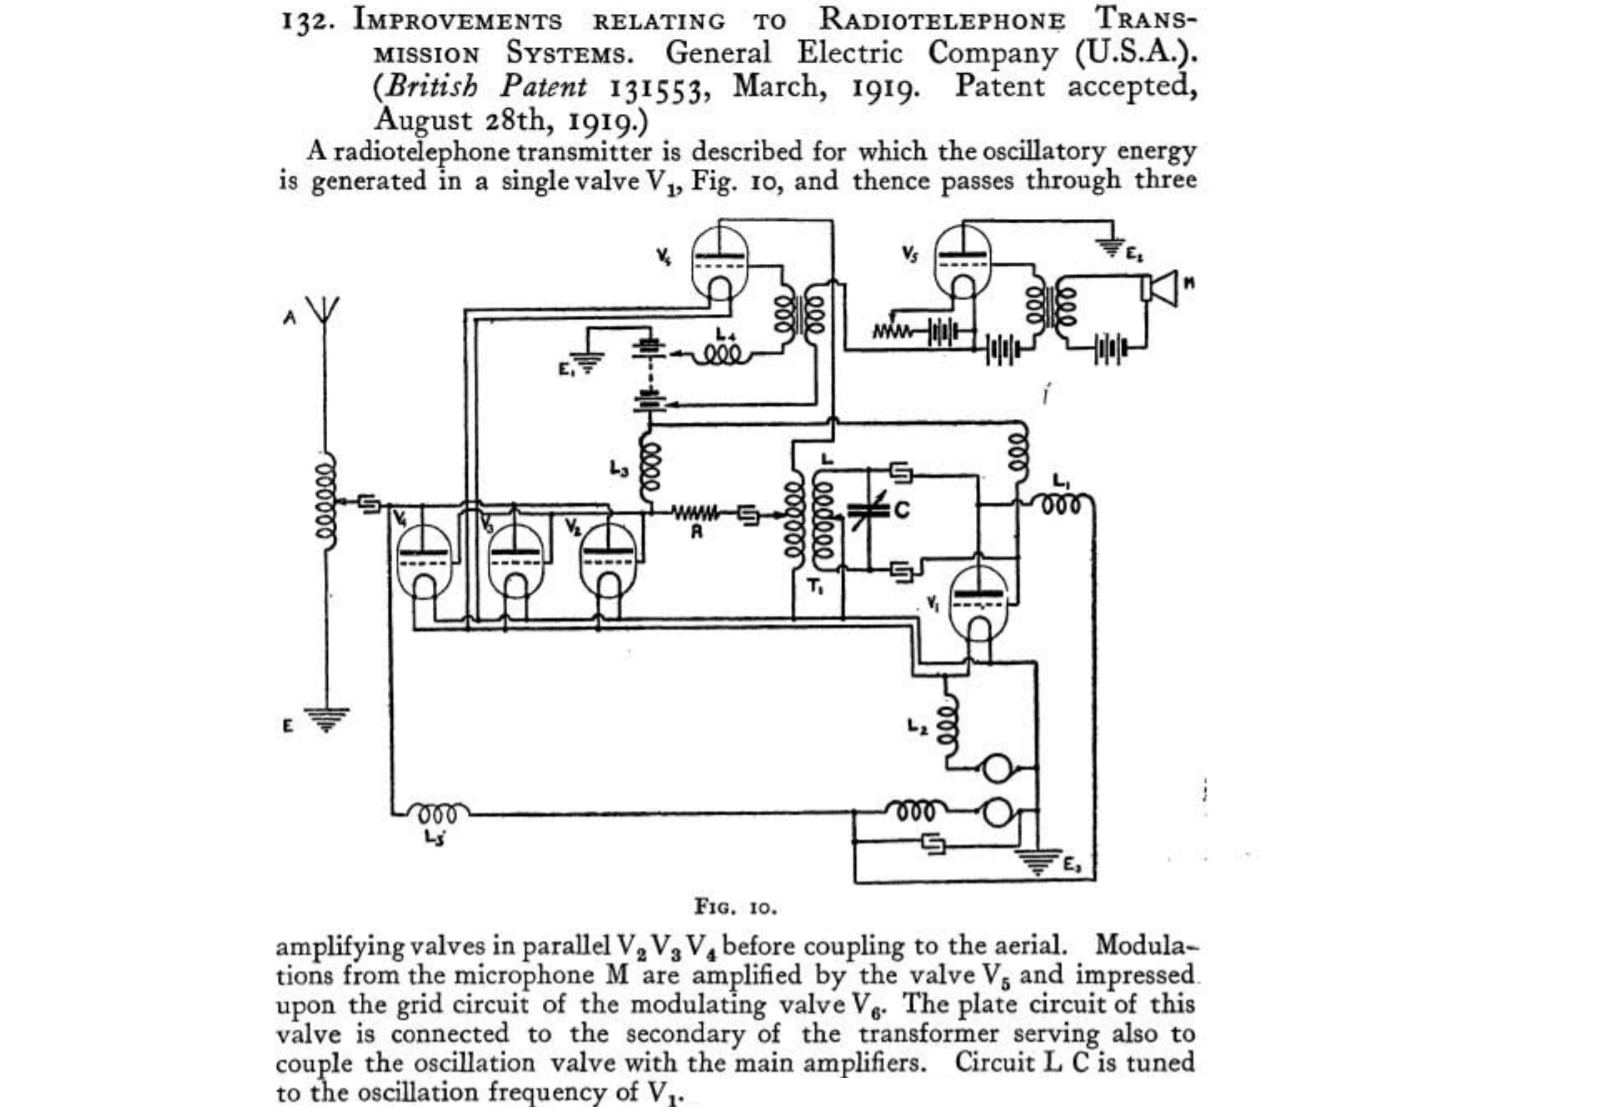 (c) https://worldradiohistory.com/UK/Radio-Review-1919-1926/Radio-Review-1920-01.pdf